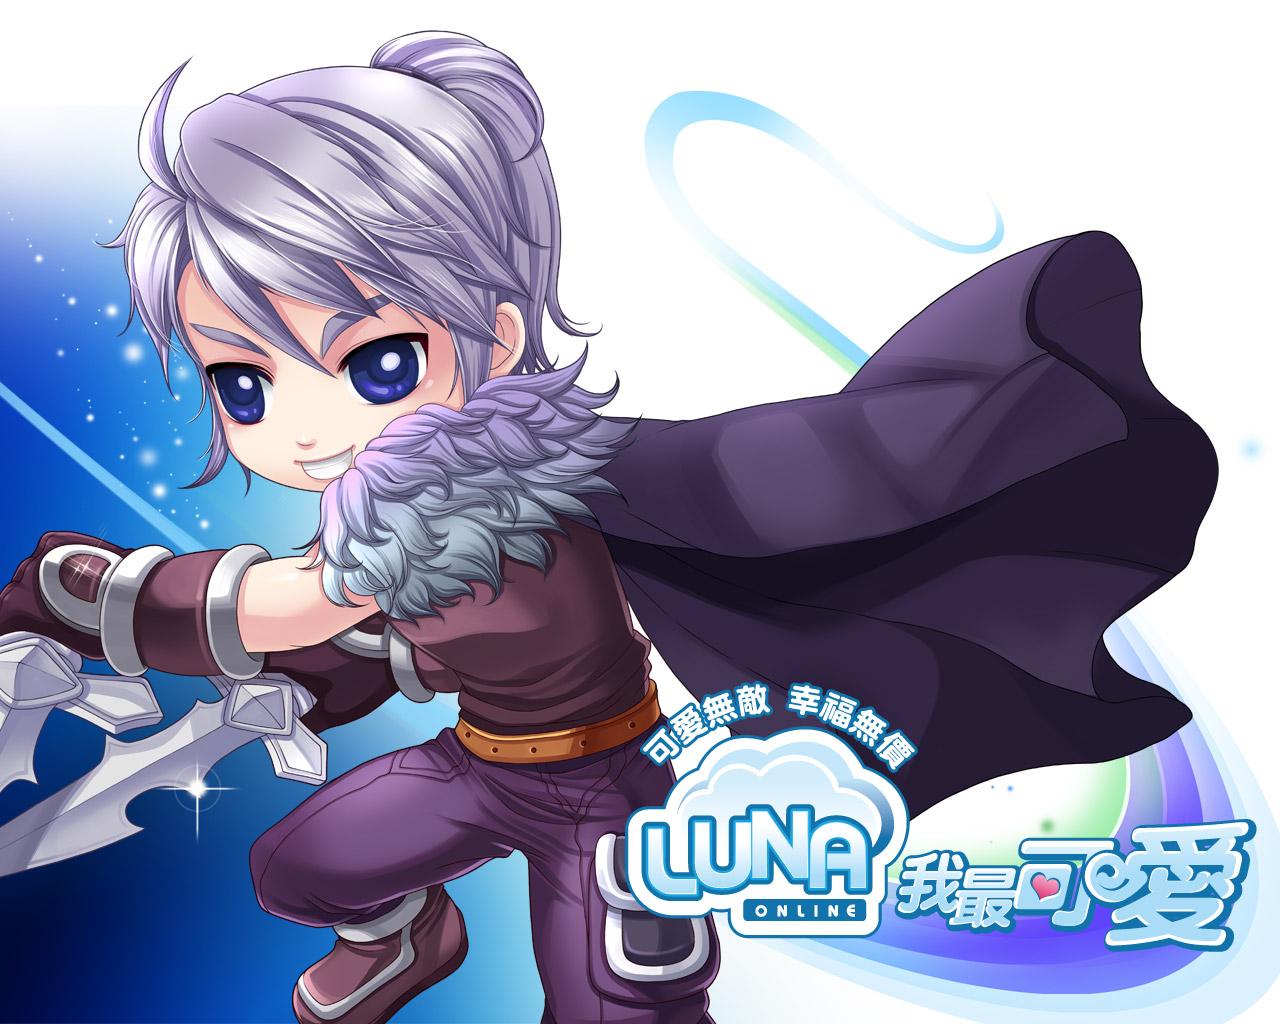 Luna online(稀缺)